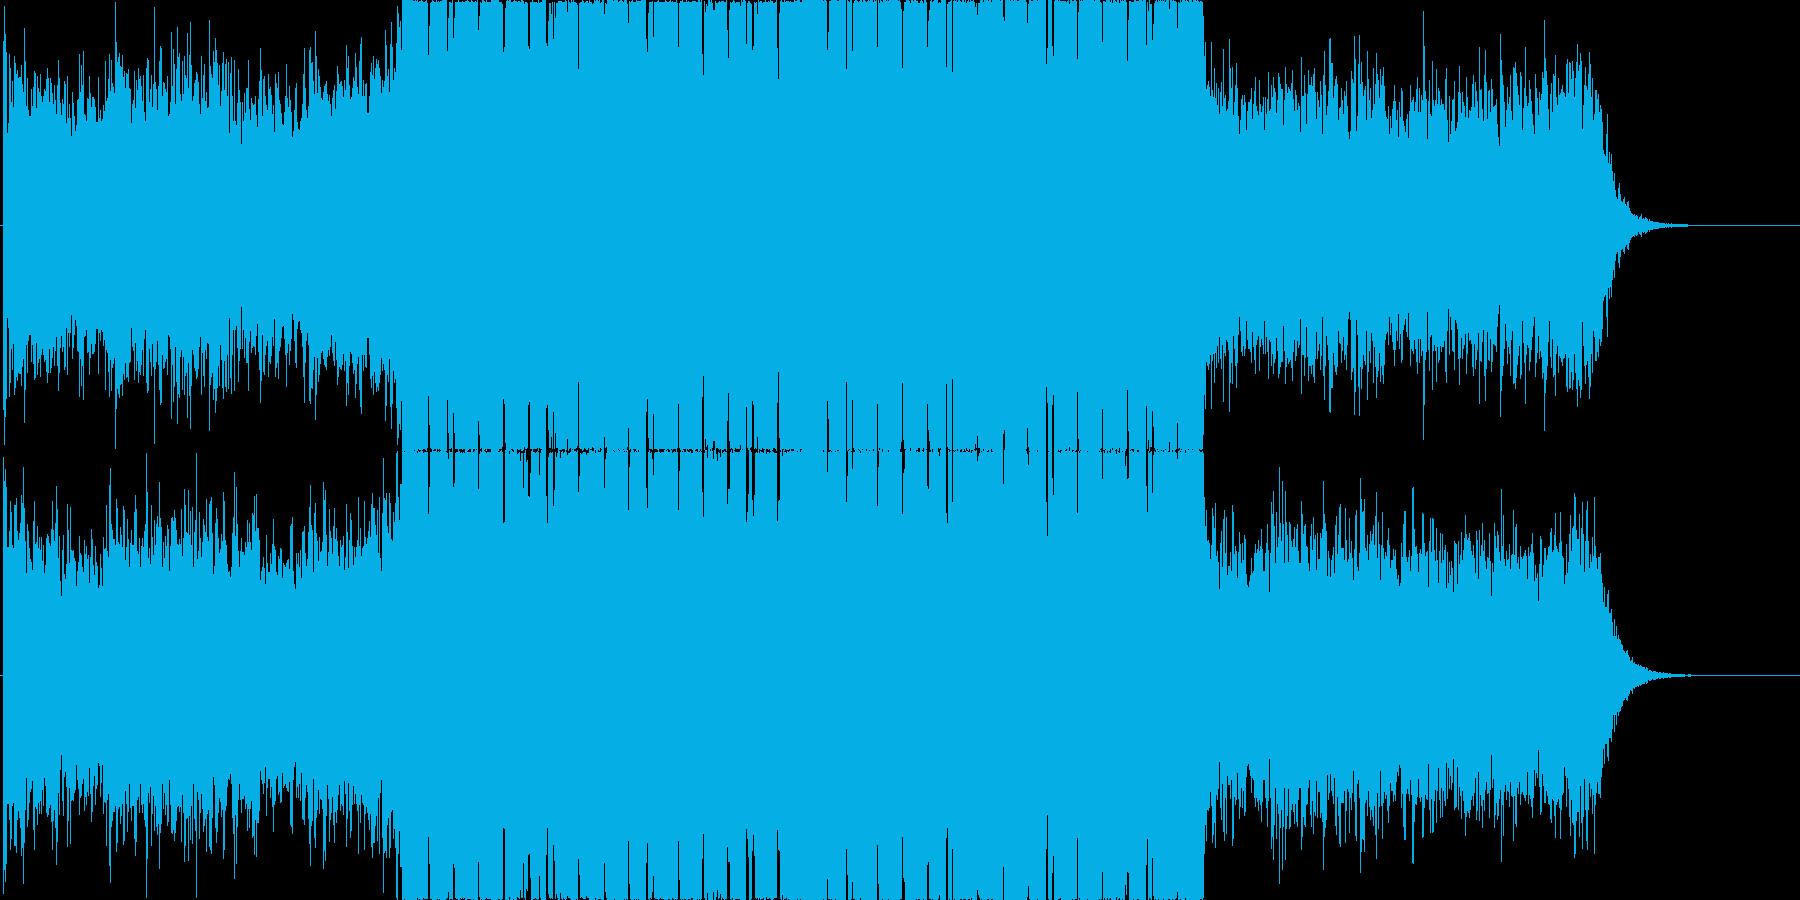 青い共鳴 / ダウンテンポ・チルアウトの再生済みの波形